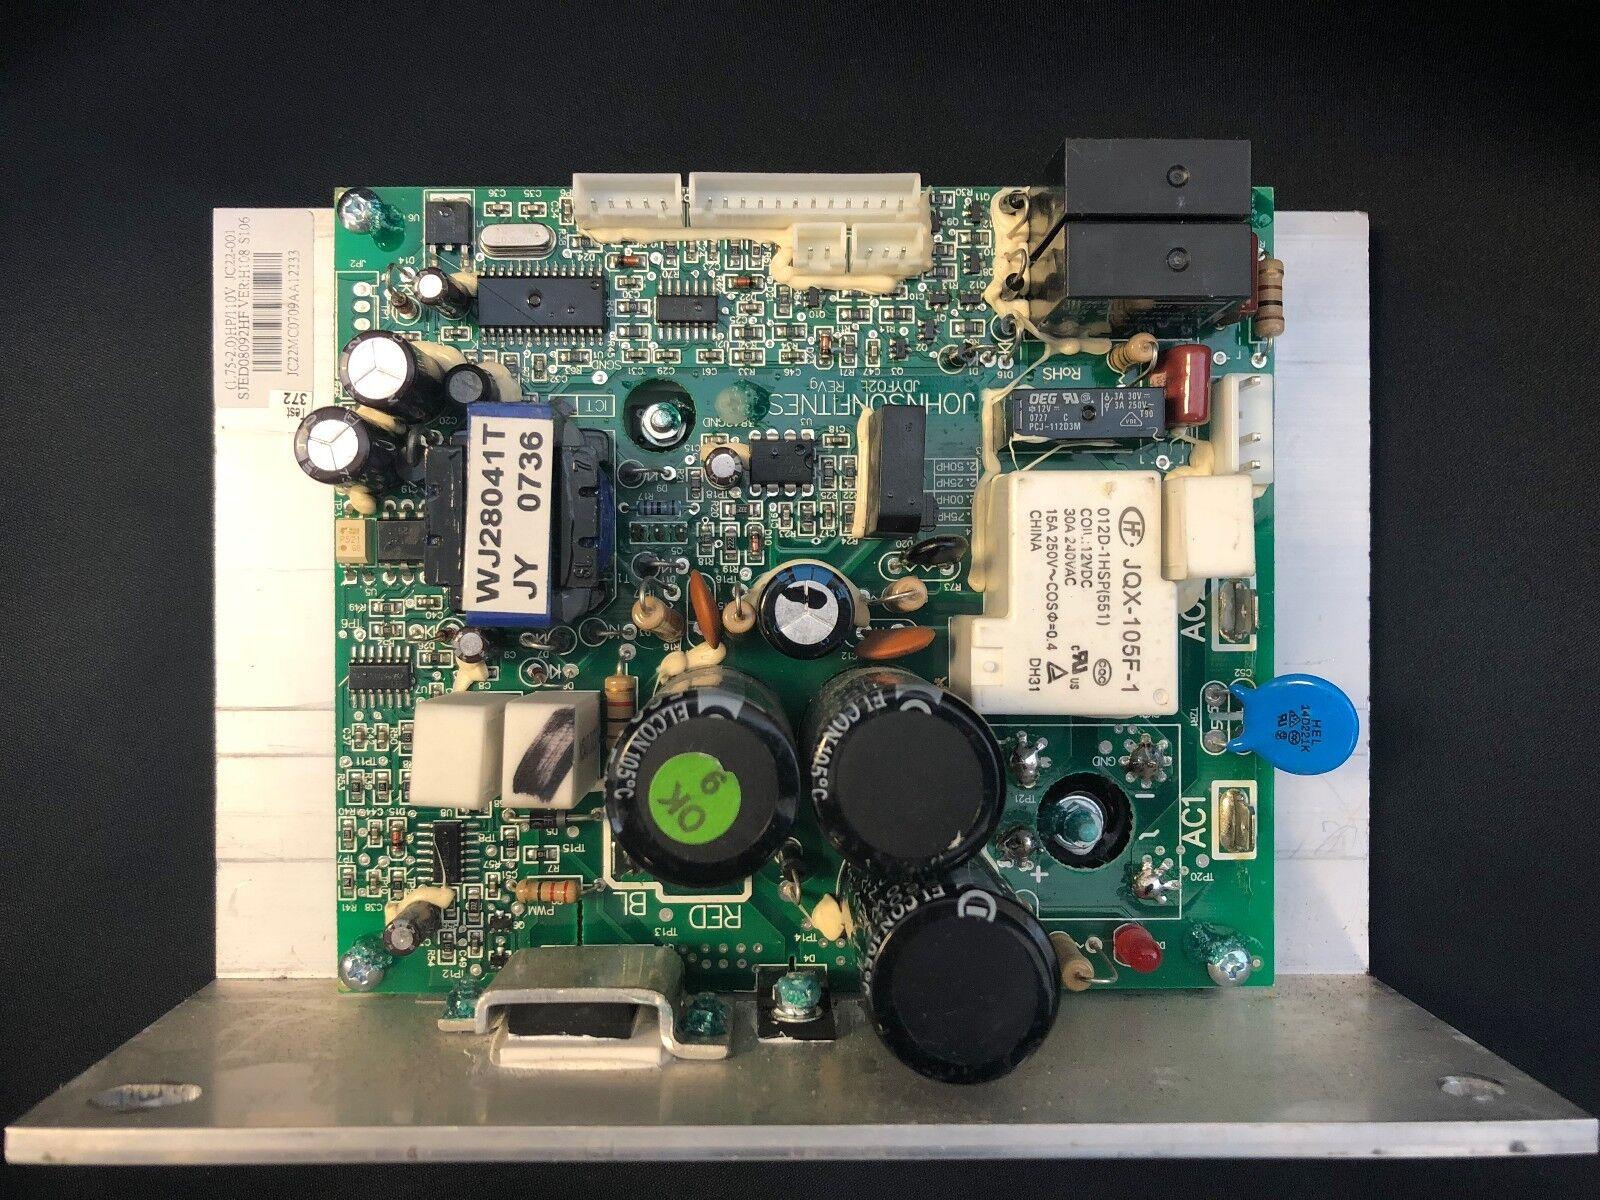 Servicio De Reparación-placa de circuito 032669if sjed 08089if 6-Mth Garantía